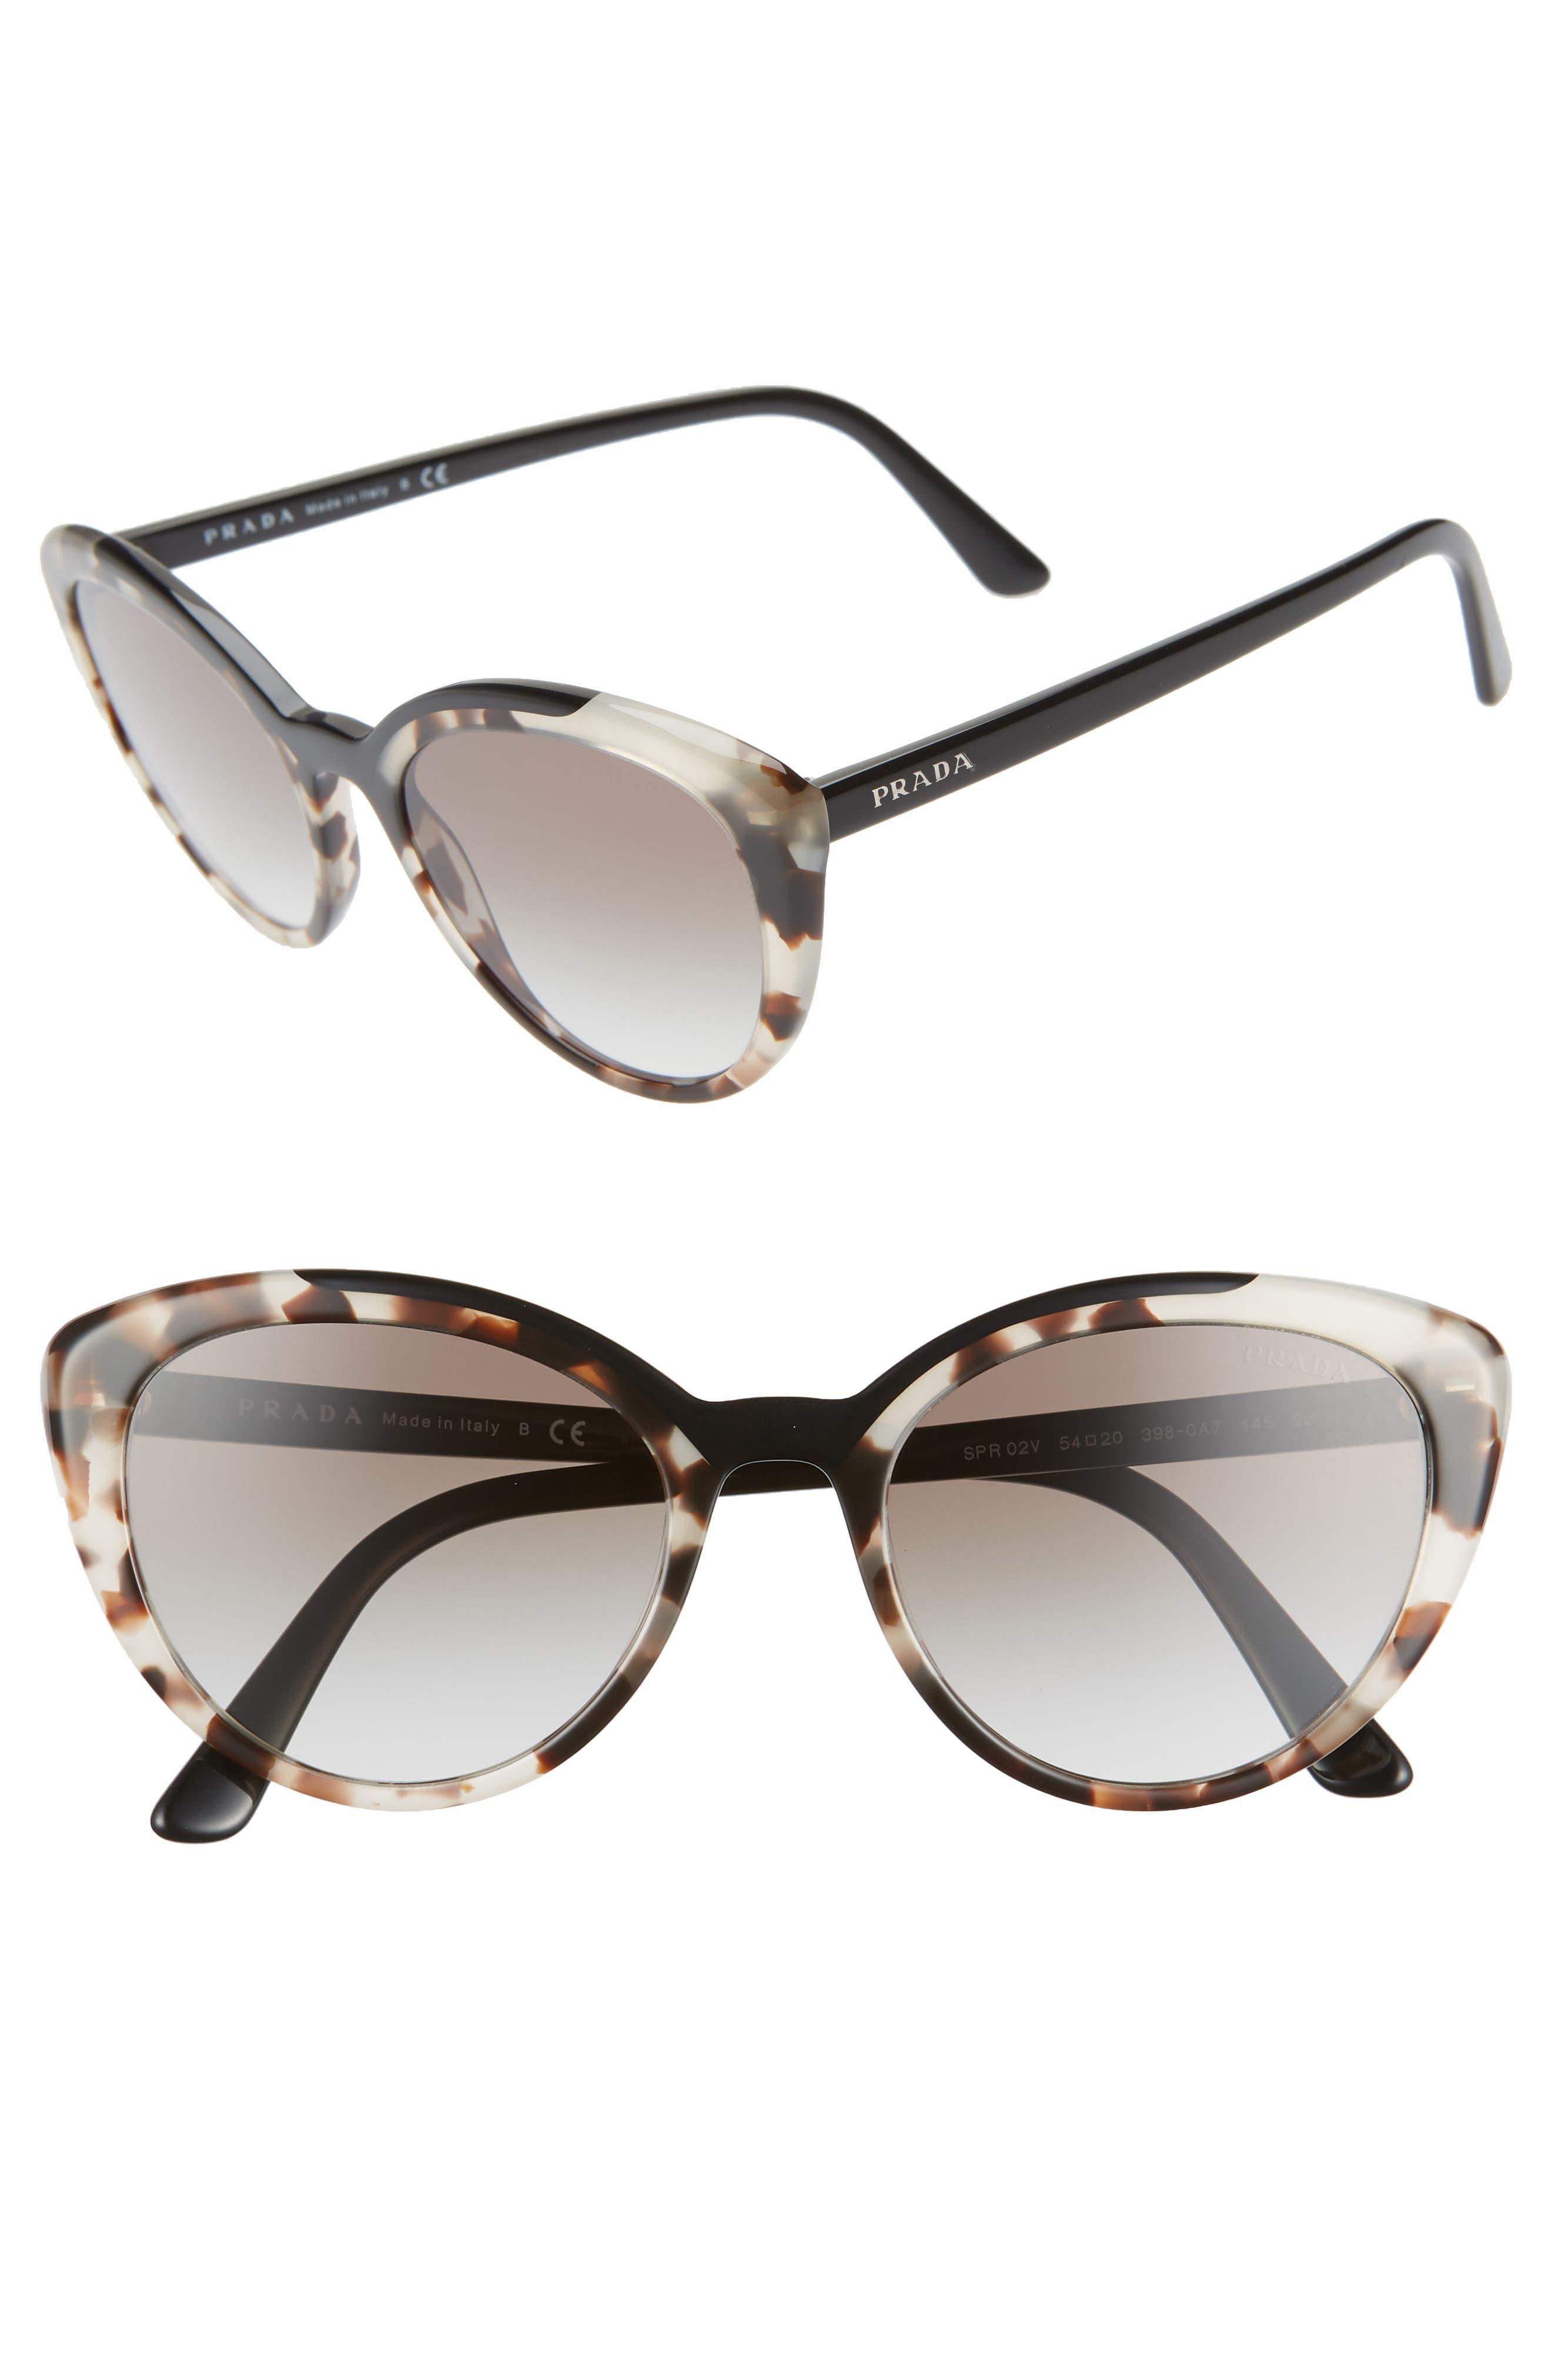 ccc209d38df Prada Sunglasses for Women